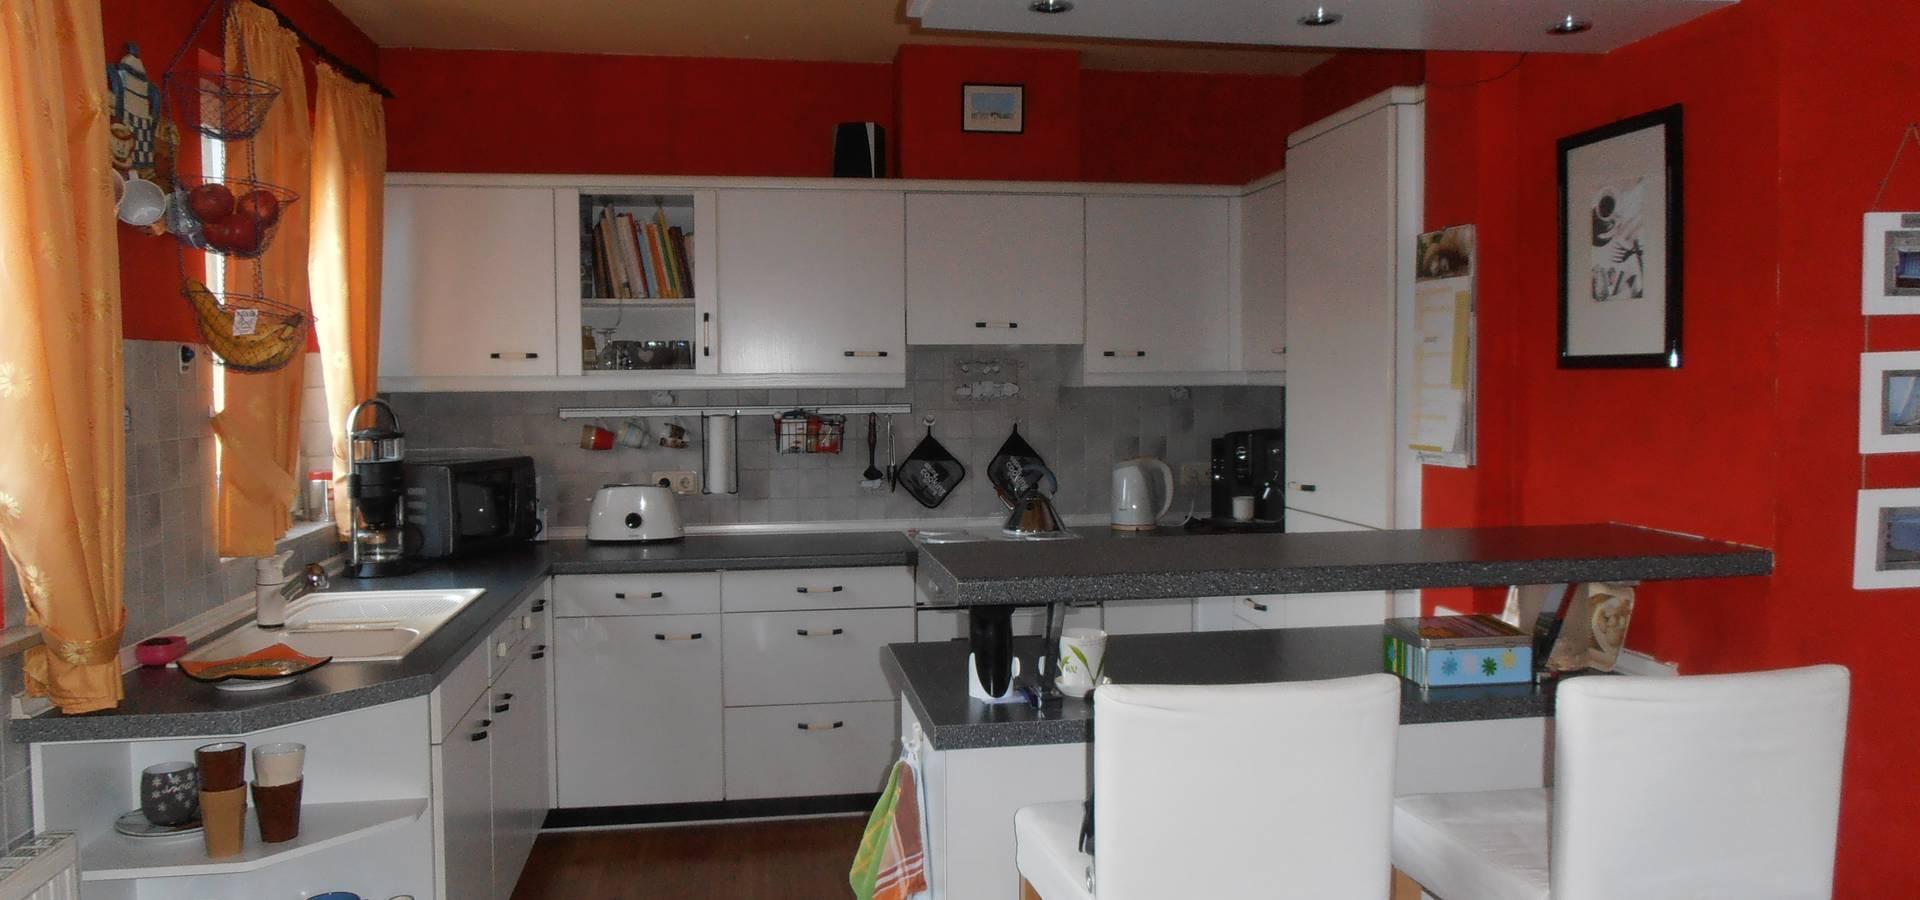 Groß Home Staging Tipps Küche Zeitgenössisch - Küche Set Ideen ...